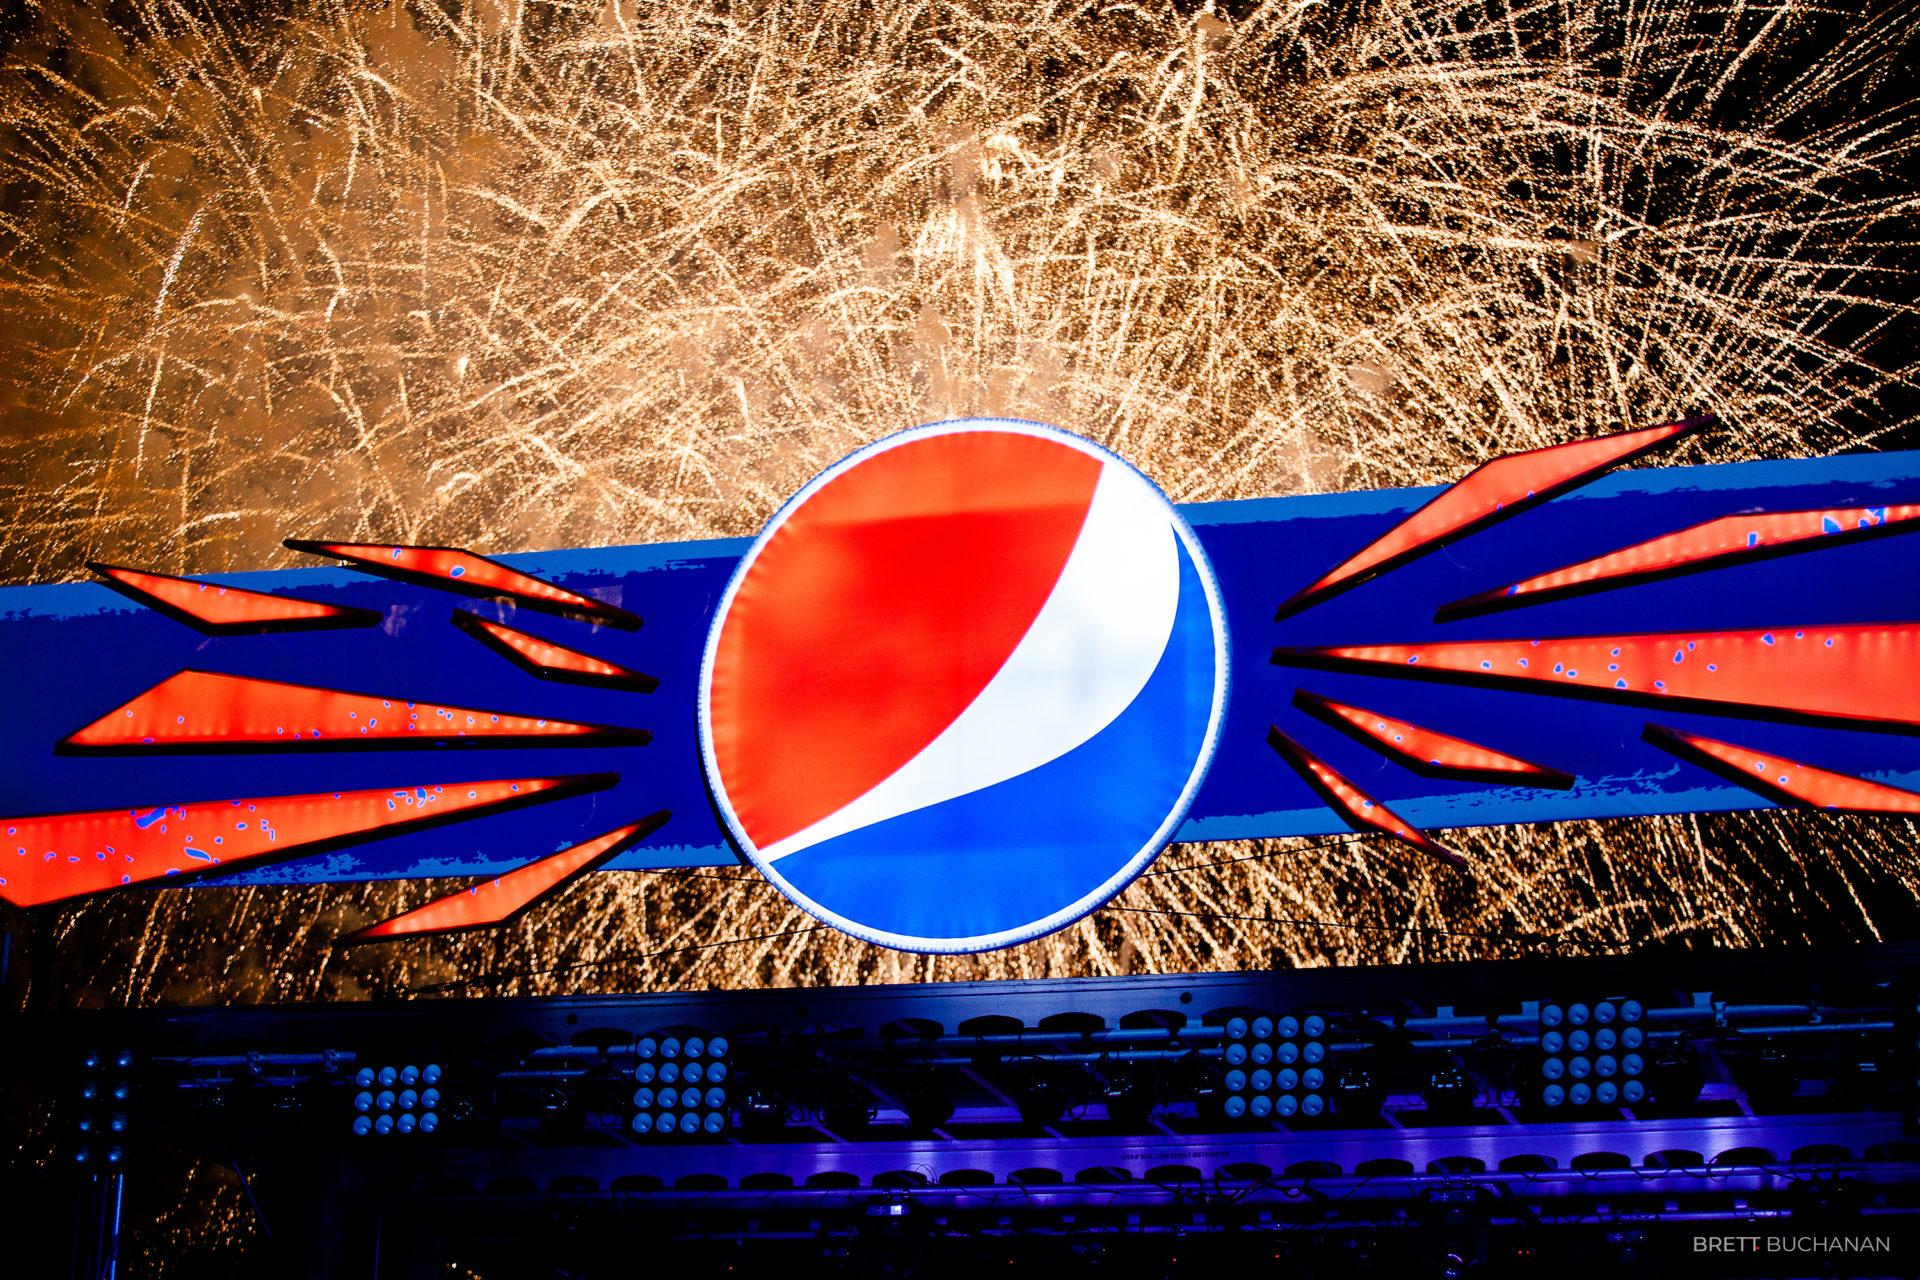 Brett-Buchanan-Pepsi-Superbowl-Blake-Shelton-18